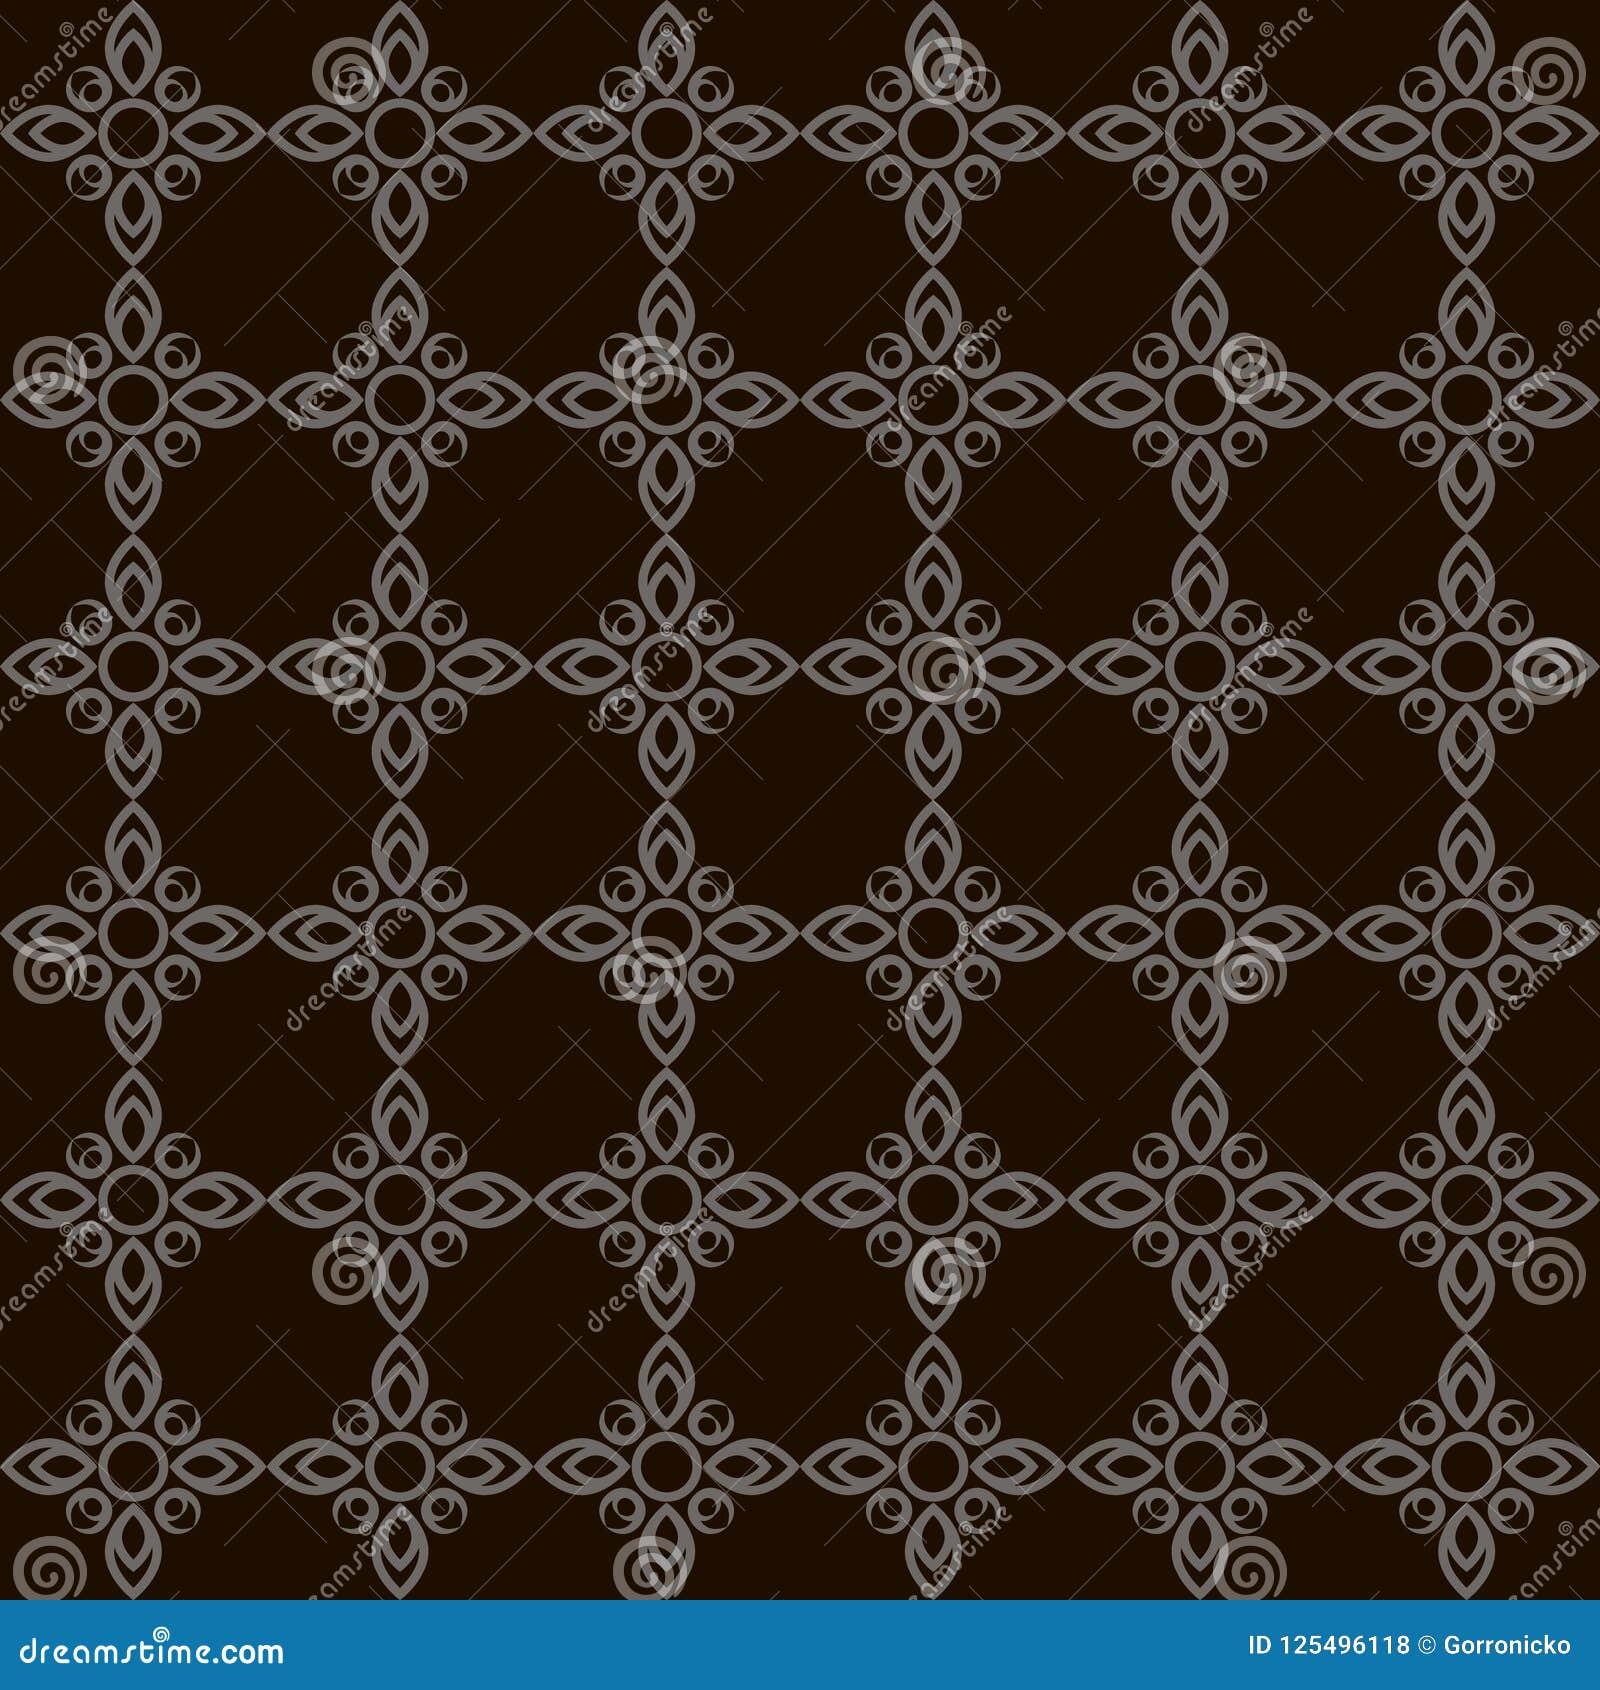 Einfarbiges nahtloses Muster der einfachen flachen Kunst mit schwarzem Hintergrund